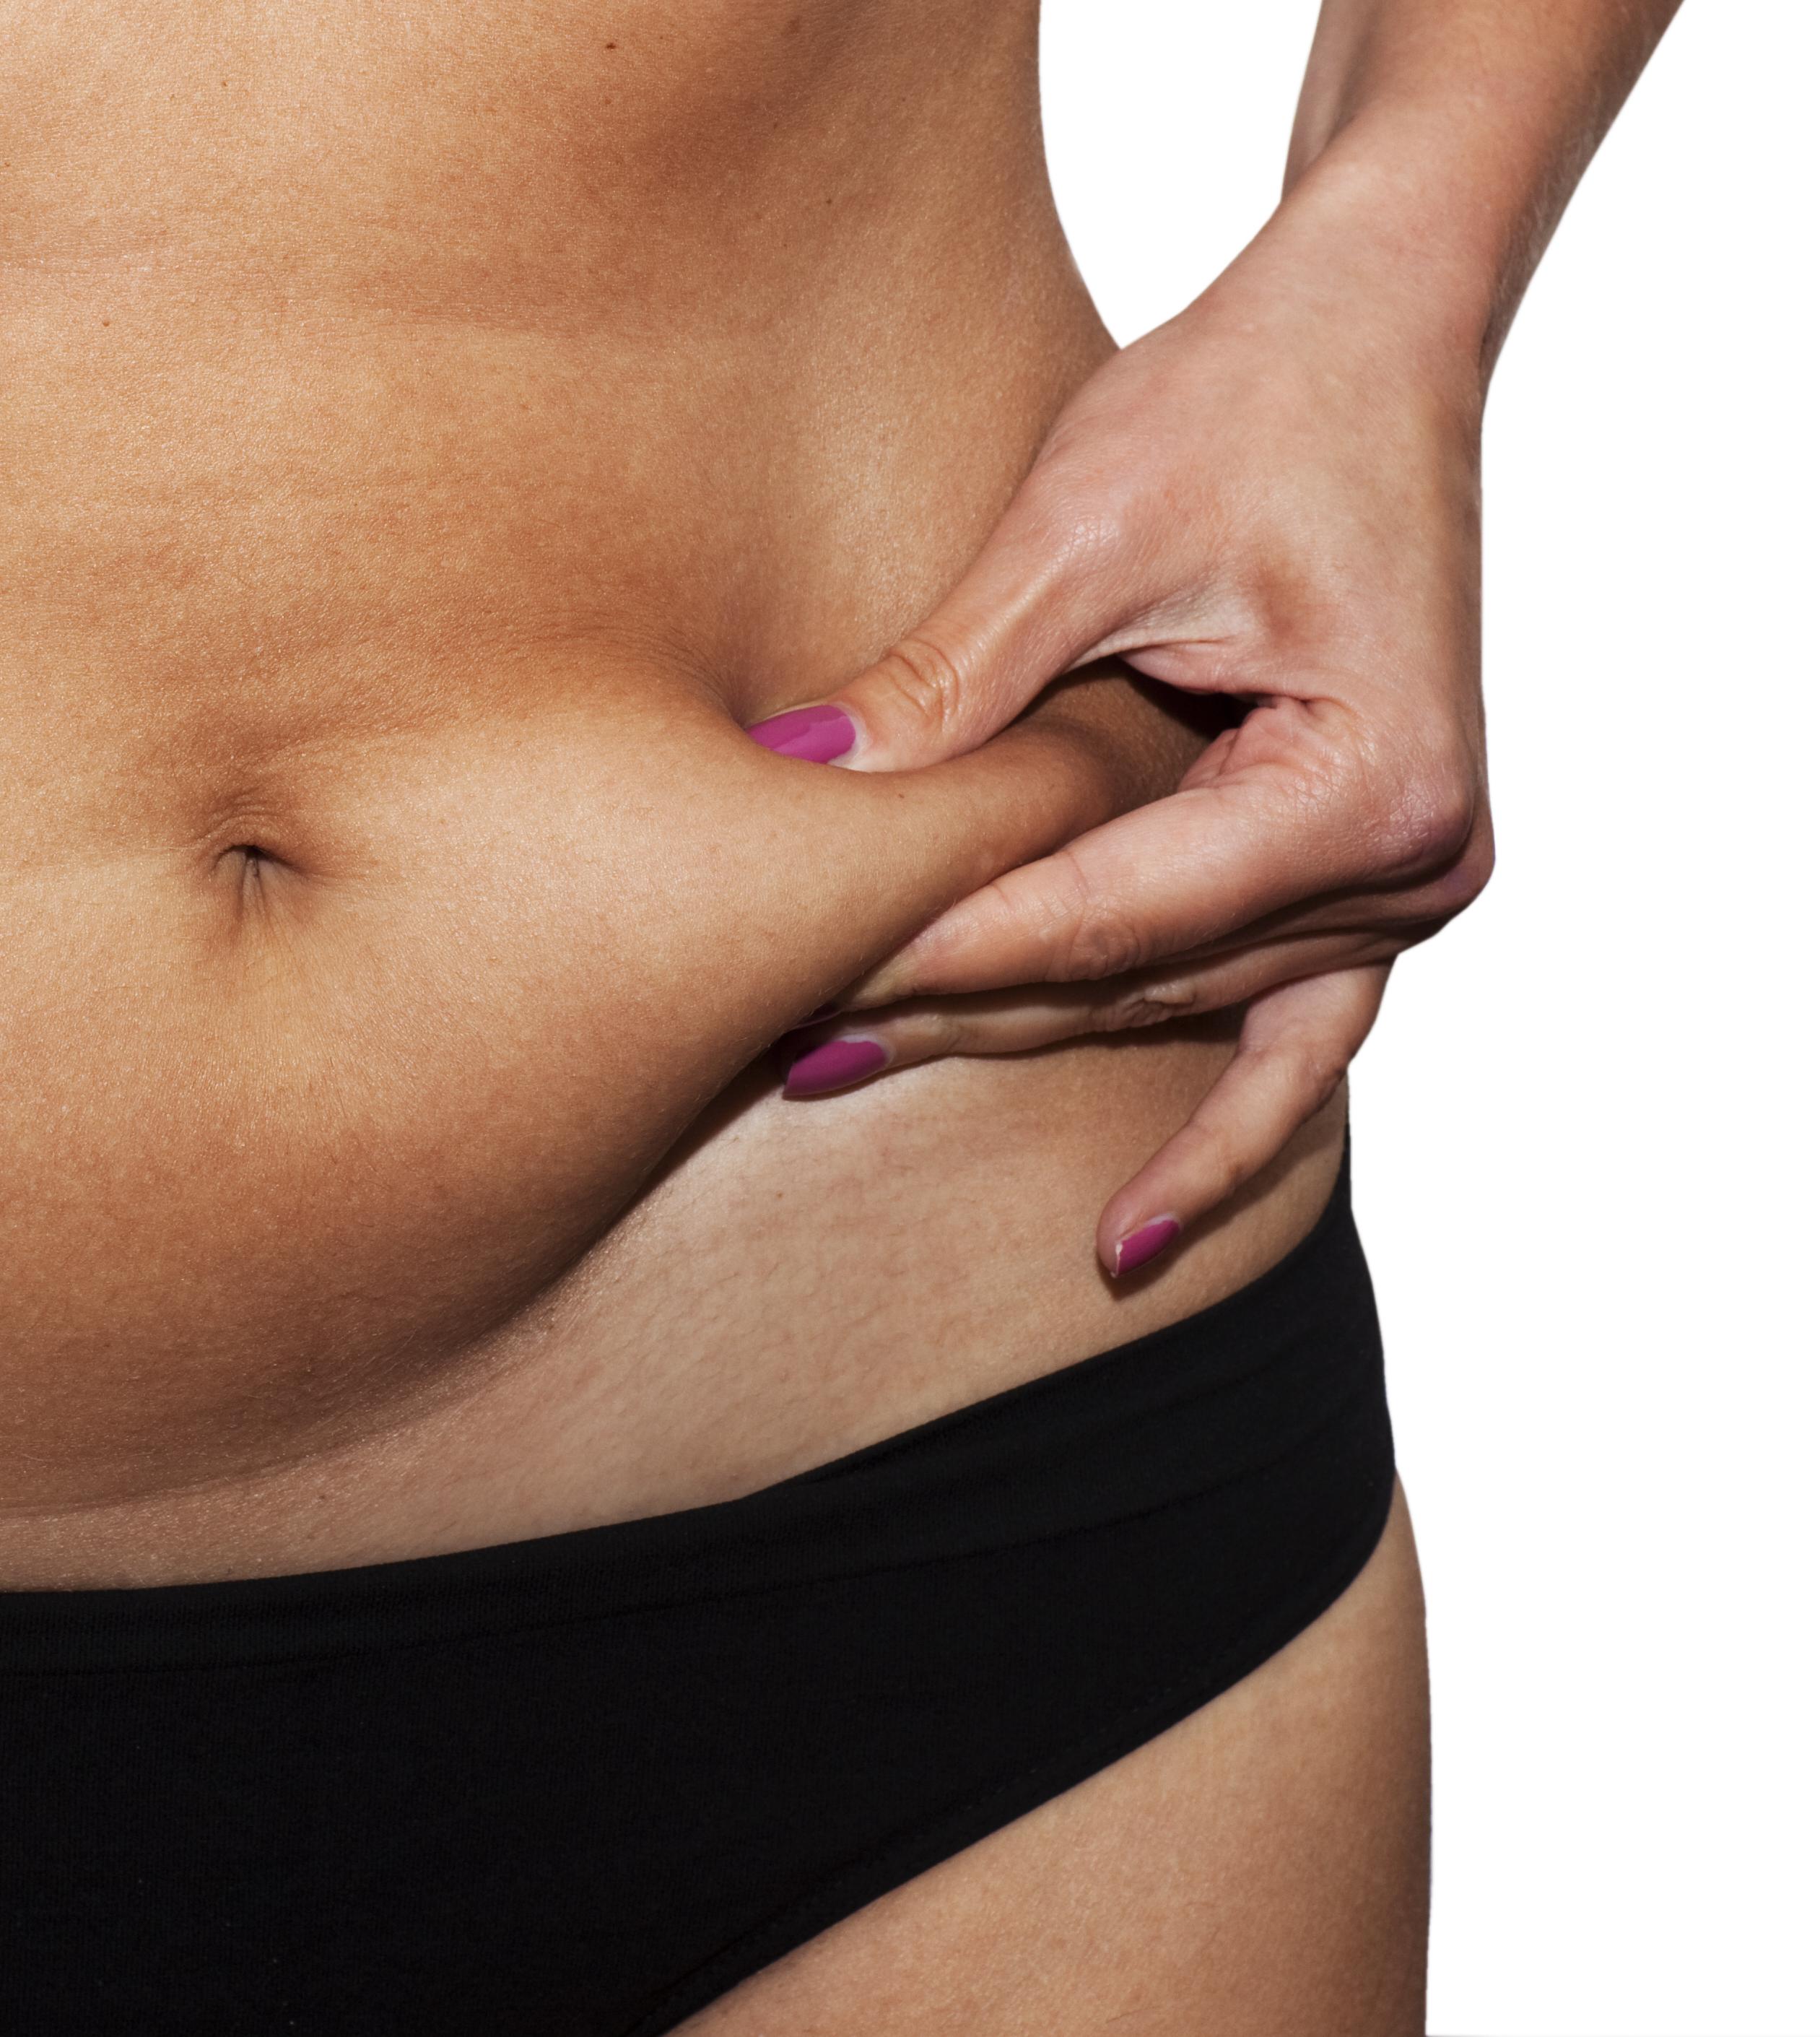 אישה חלק גוף תחתון לפני טיפול בודיטייט